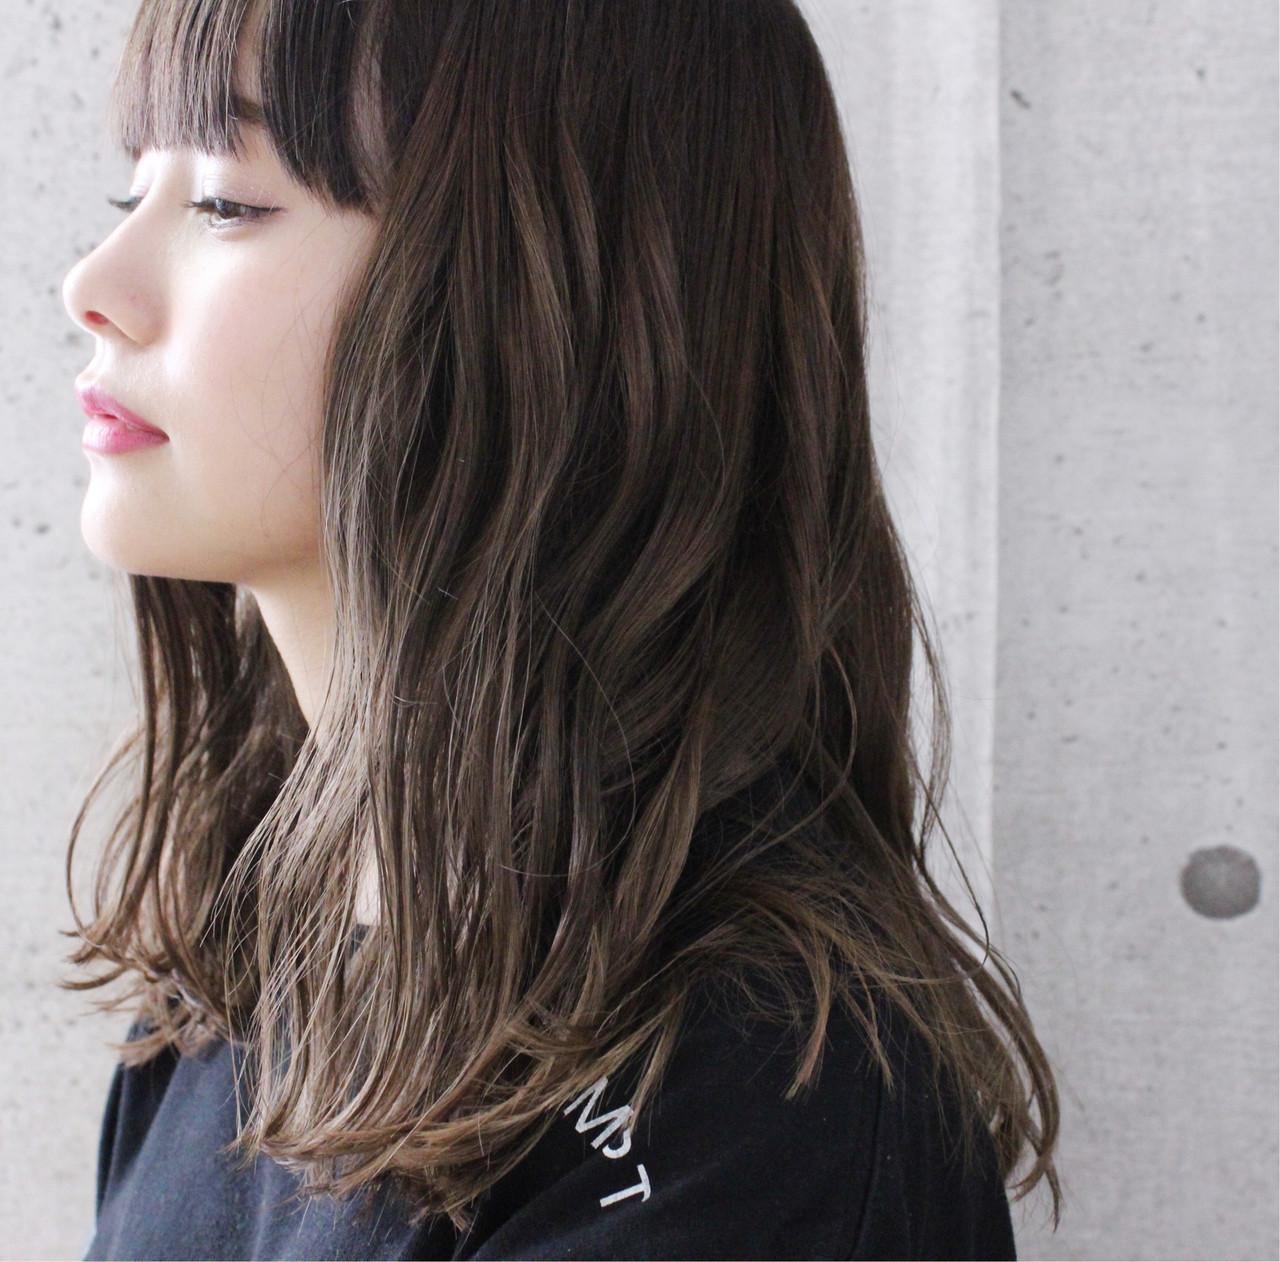 アンニュイほつれヘア グレージュ オリーブアッシュ ナチュラル ヘアスタイルや髪型の写真・画像